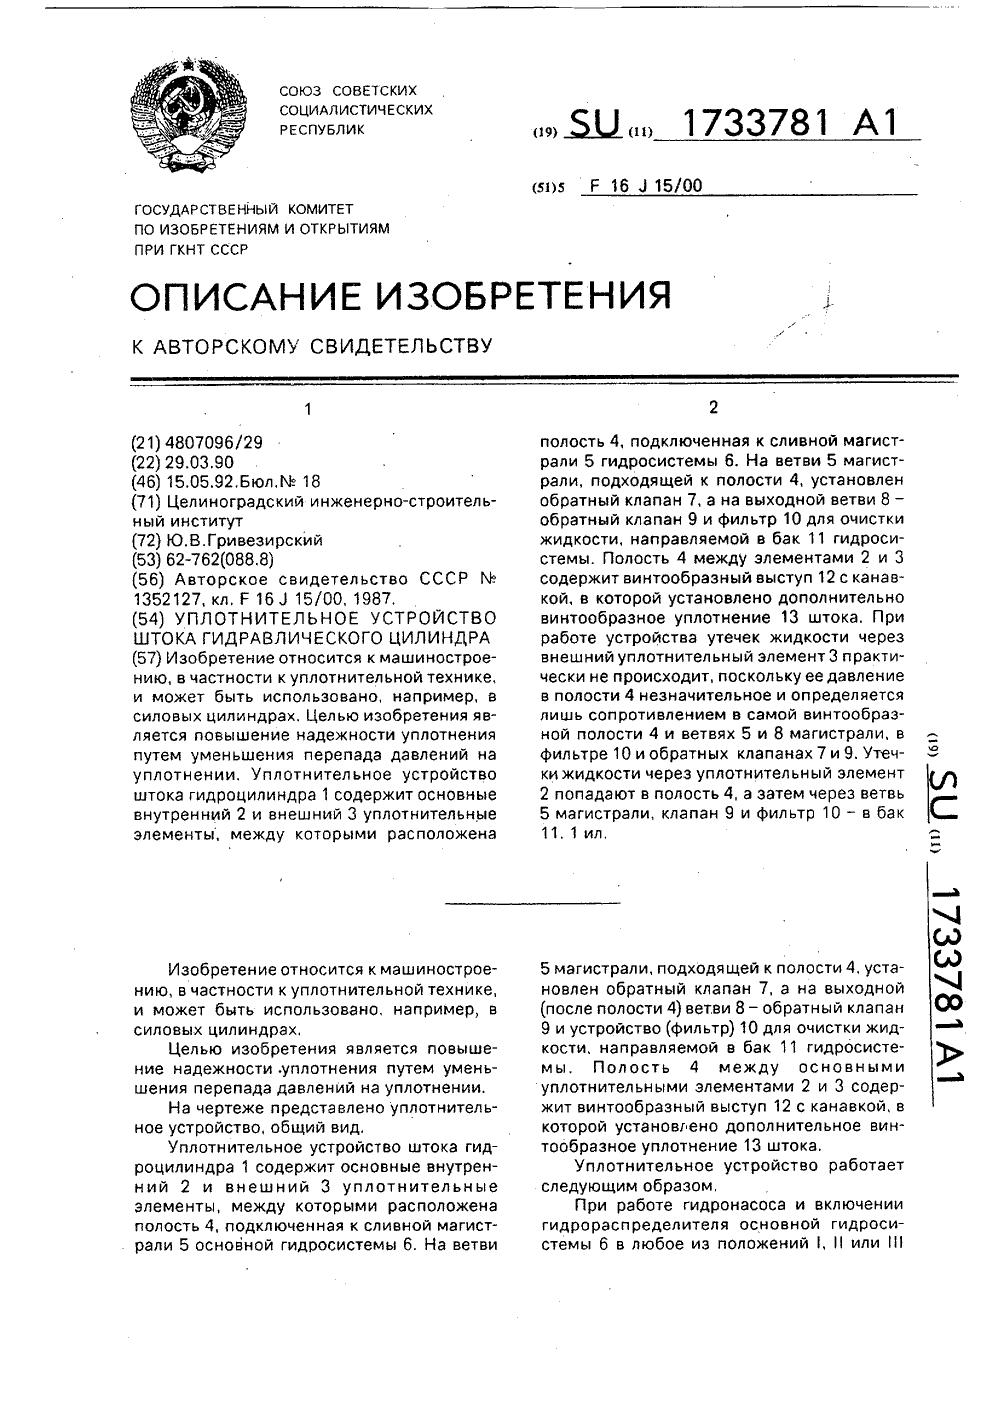 схема работы грейфера гидравлического